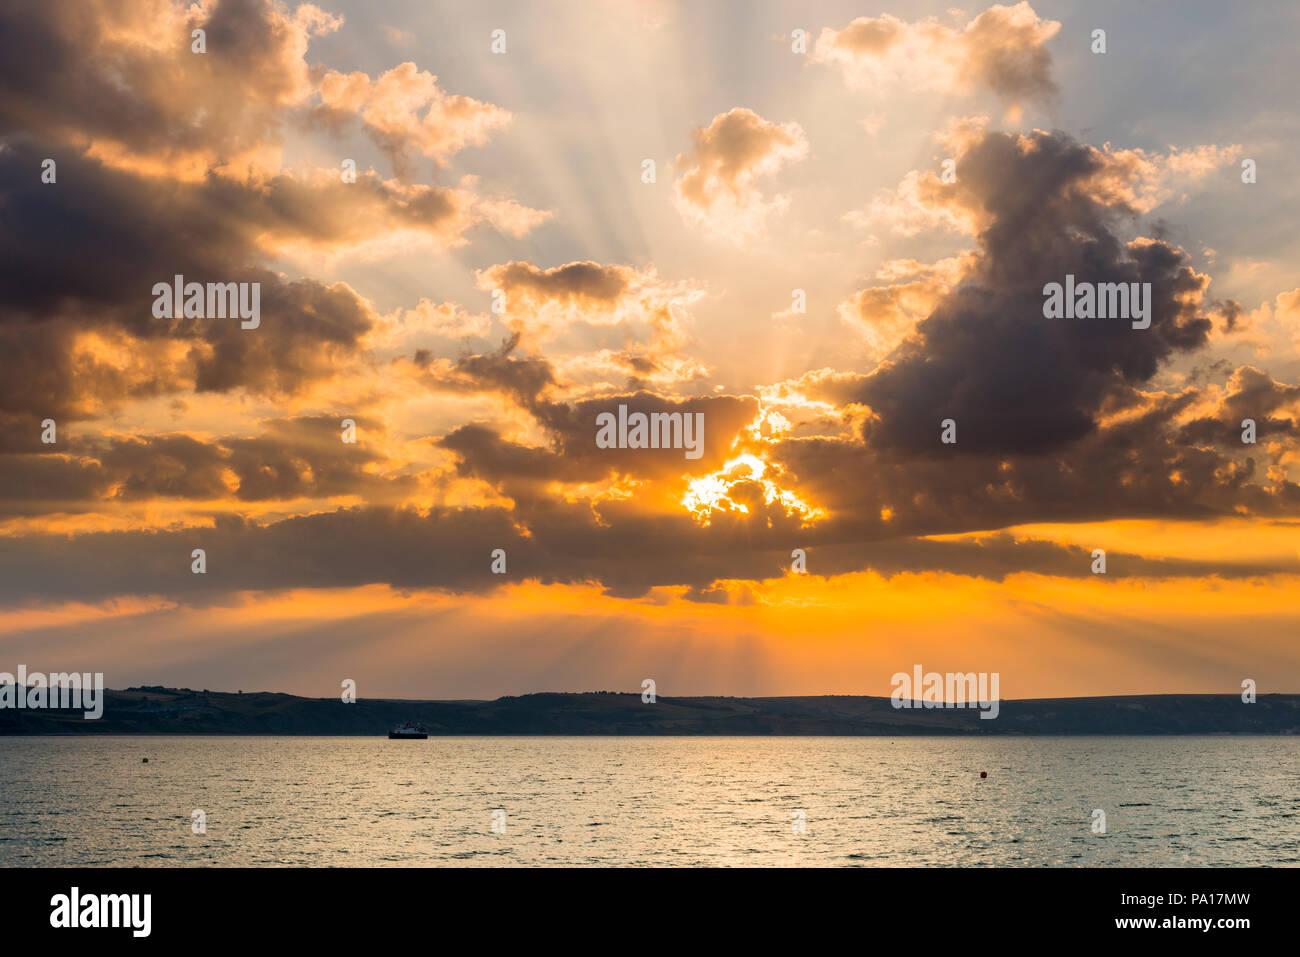 Dorchester, Dorset, Großbritannien. Juli 2018 20. UK Wetter. Sonnenstrahlen Strahlen hinter Wolken am frühen Morgen in den Badeort Weymouth in Dorset an einem warmen abgerechnet. Foto: Graham Jagd-/Alamy leben Nachrichten Stockbild